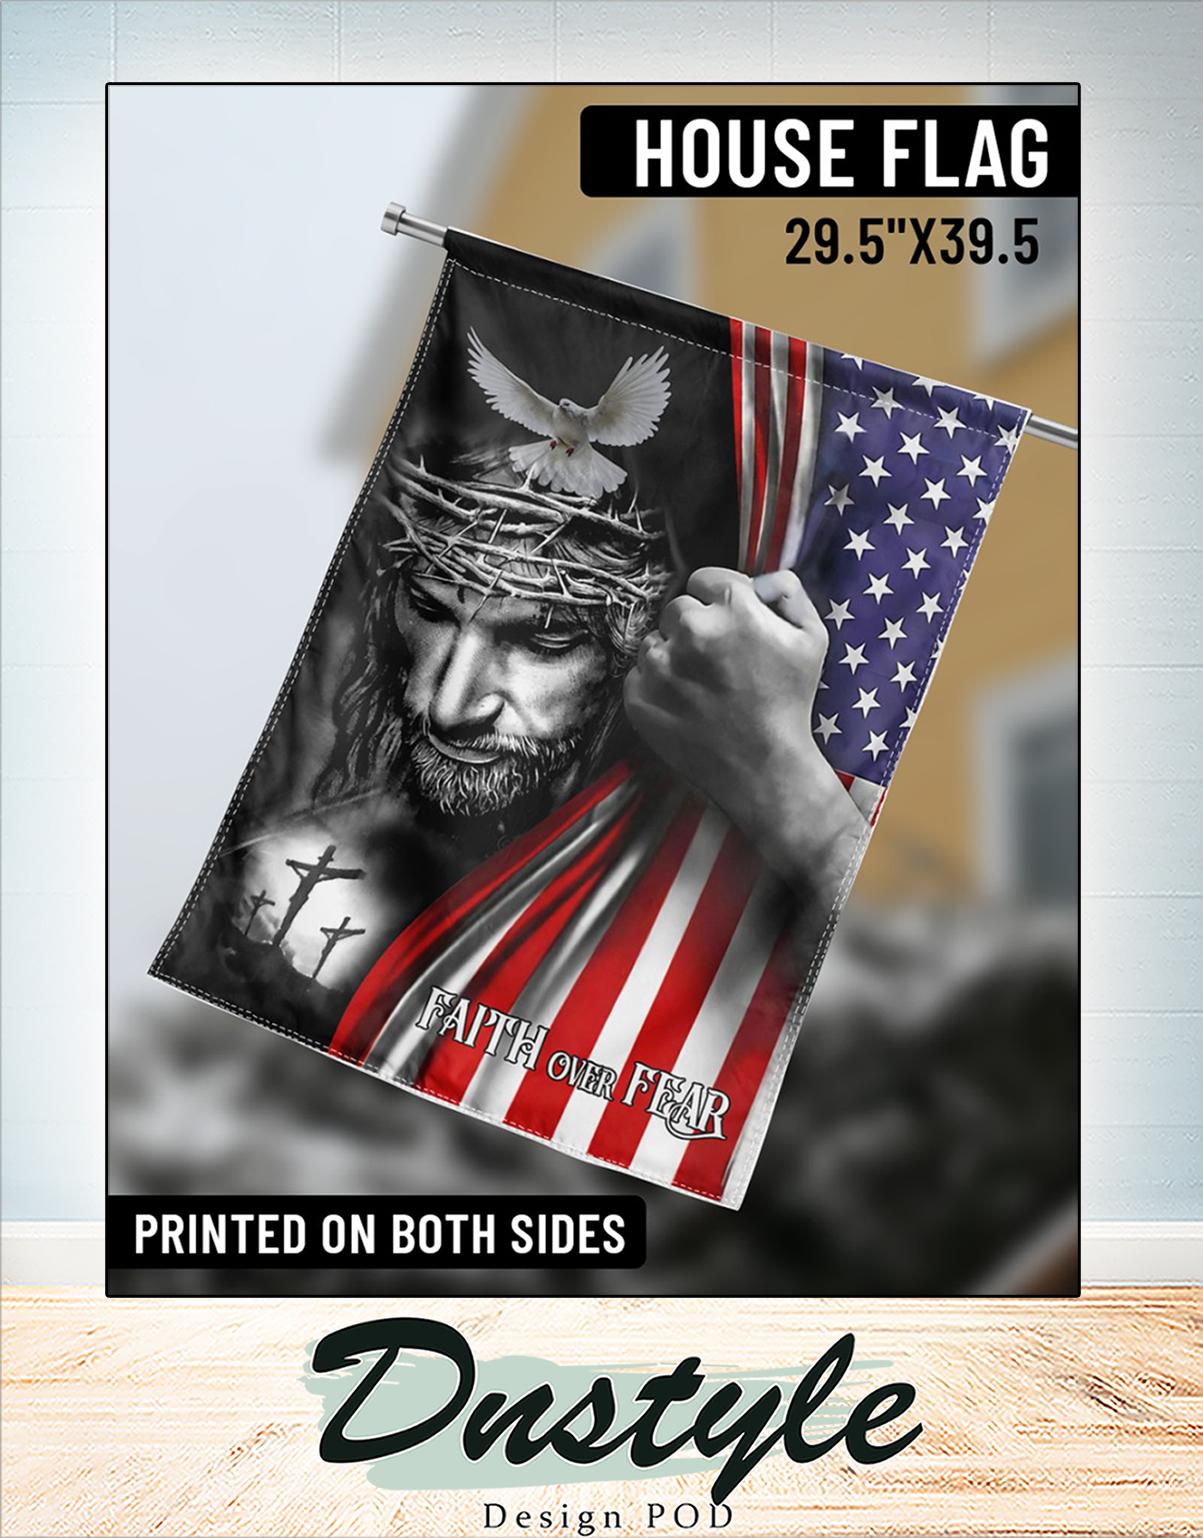 Jesus faith over fear american flag 1